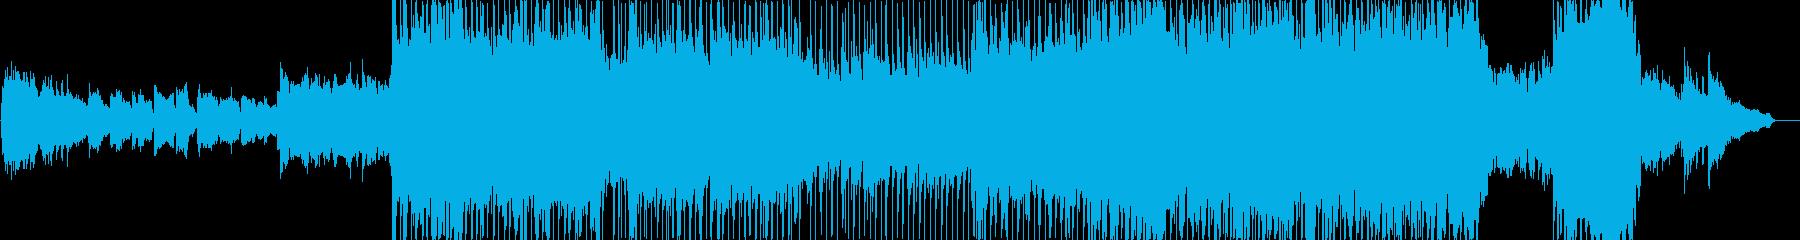 ポップ演歌風の物悲しい雰囲気のバラードの再生済みの波形